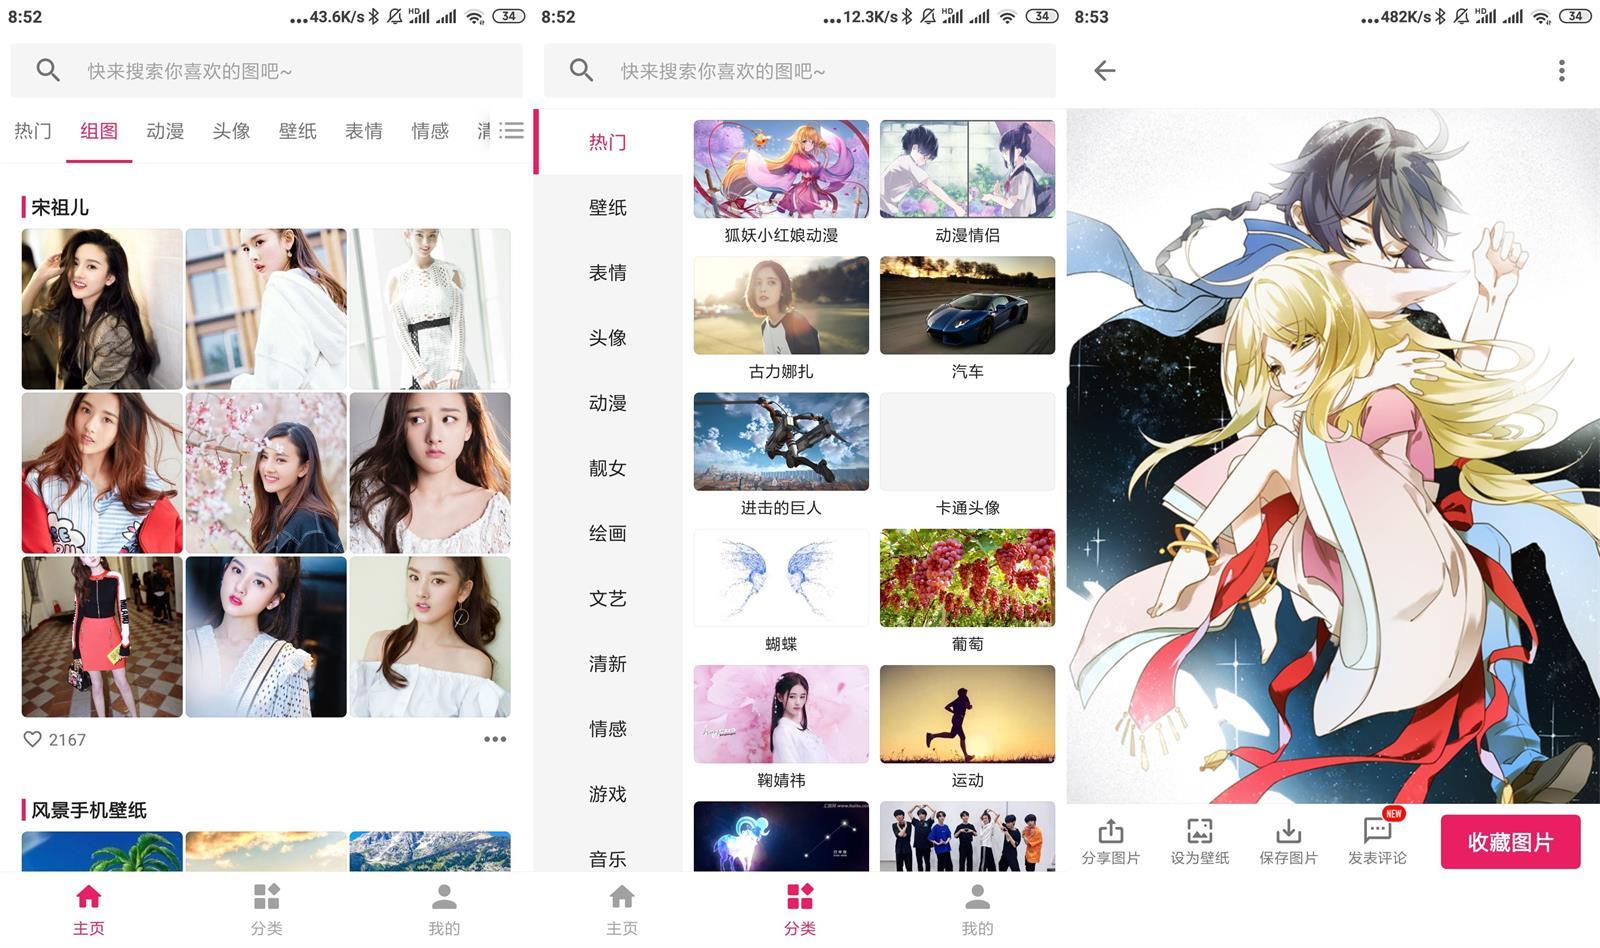 安卓图片搜搜v5.2.5绿化版_52pojiewu